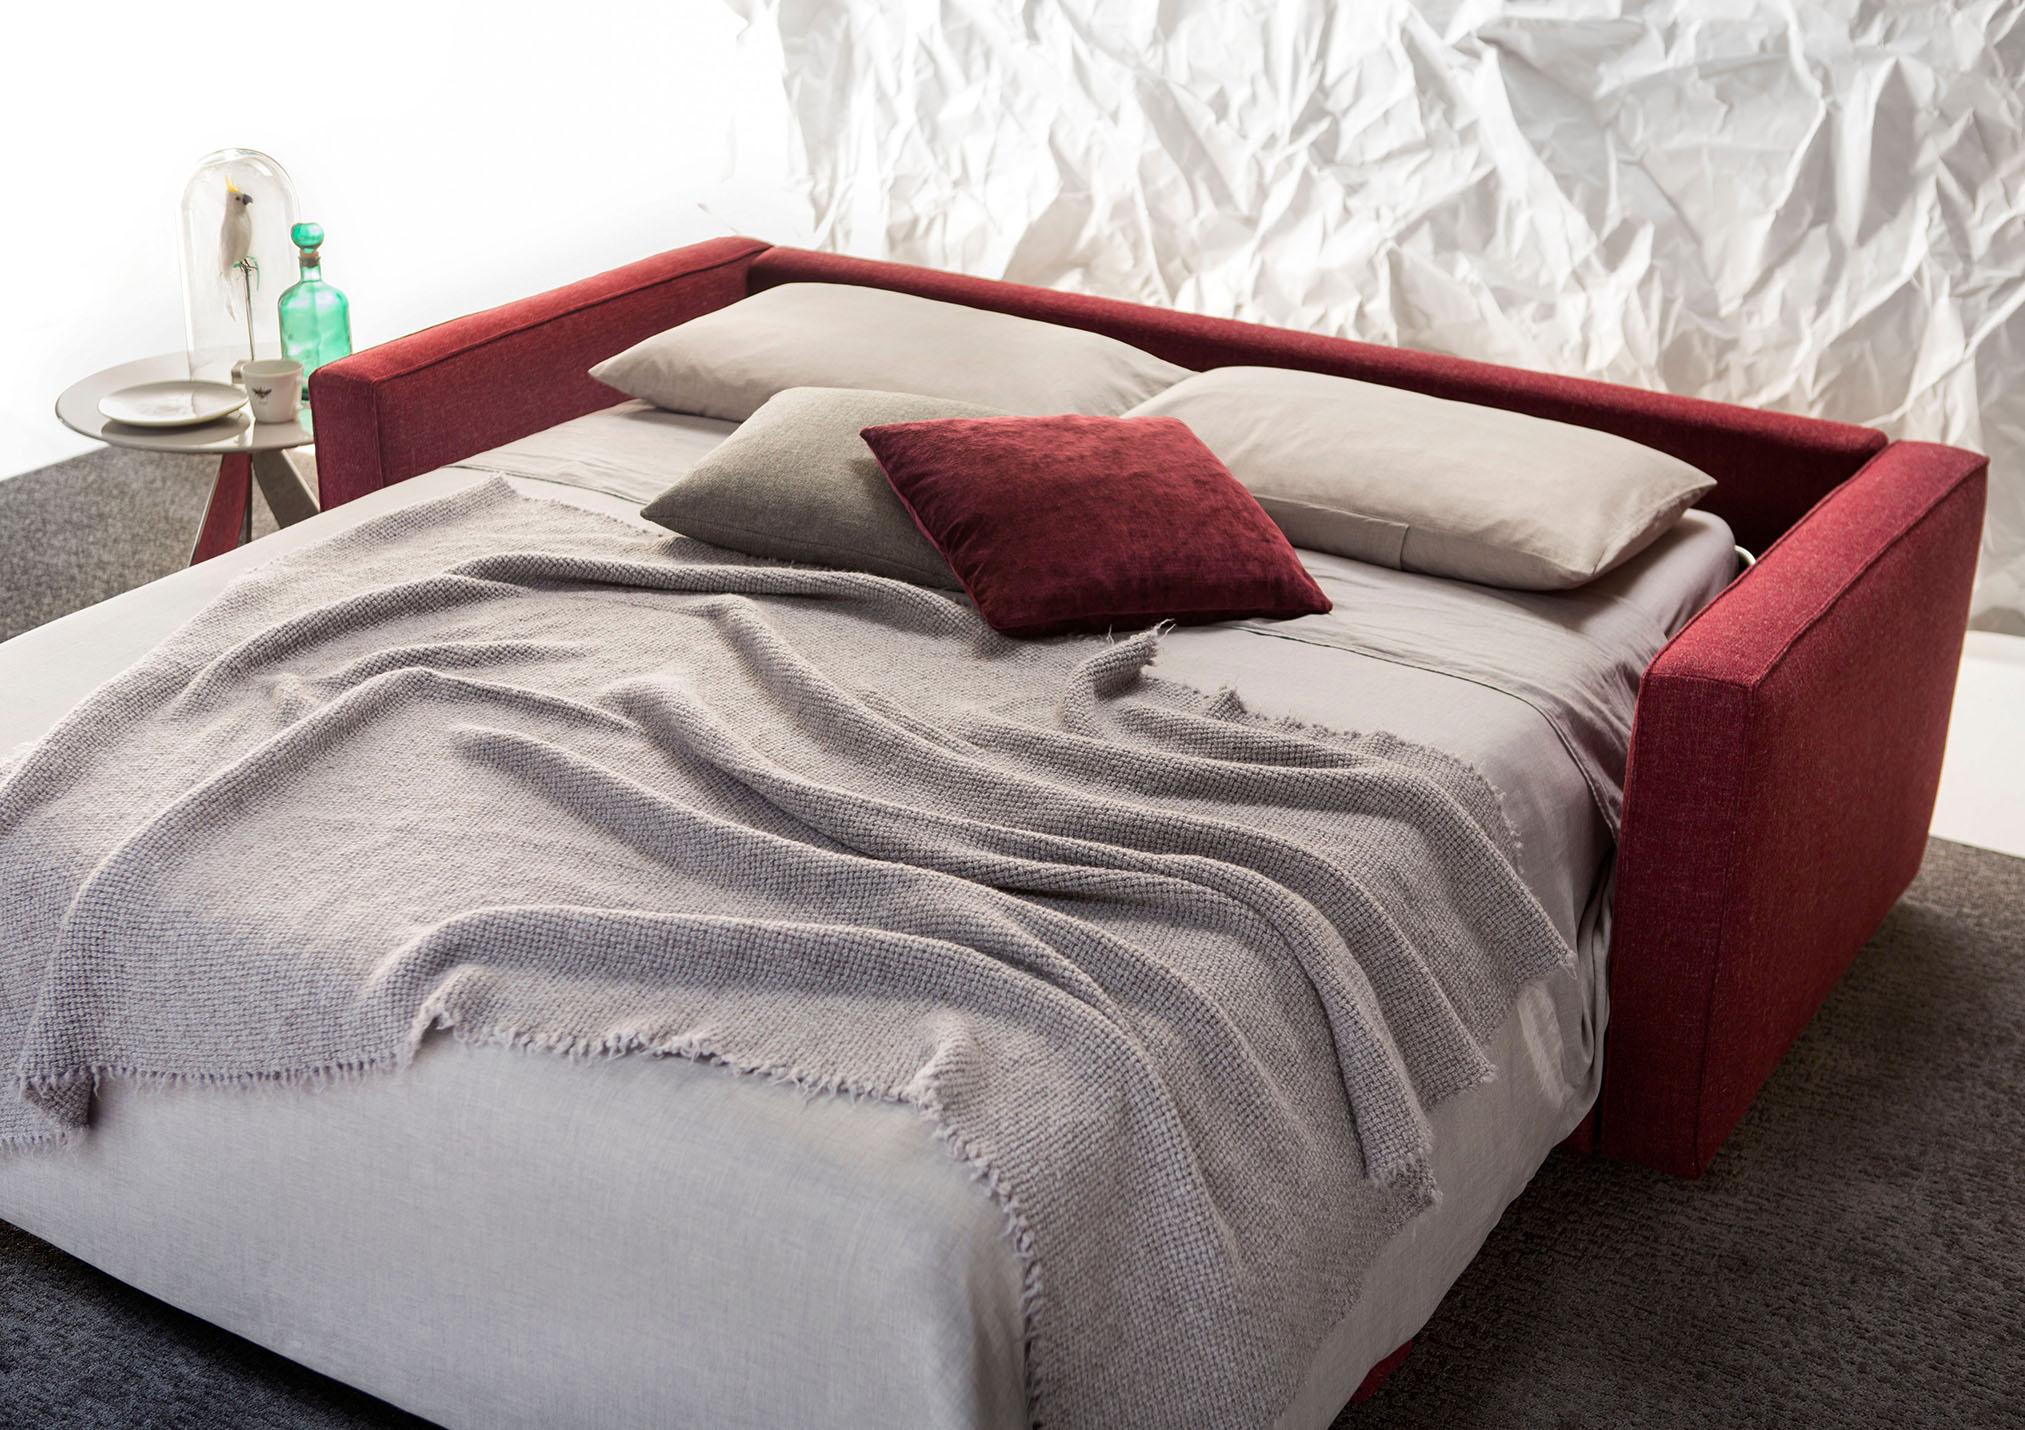 Gu a para la elecci n del colch n para el sof cama for Sofa cama sin colchon